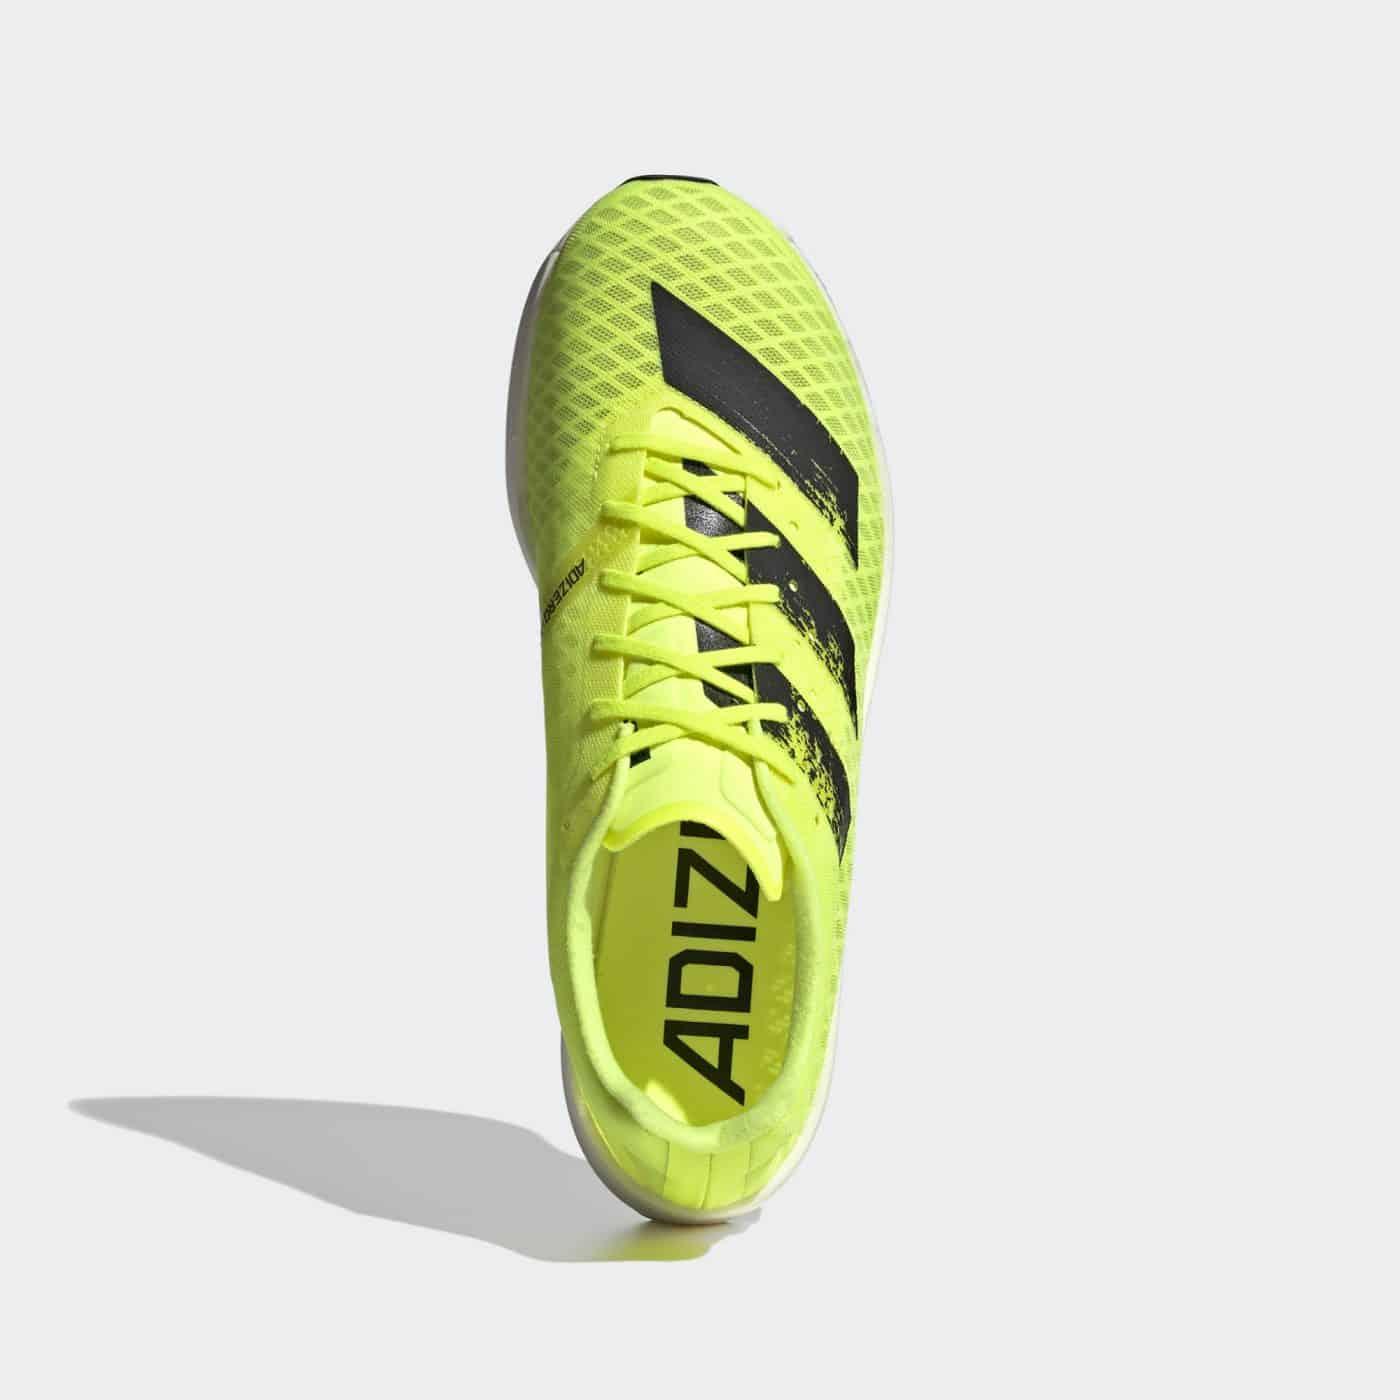 Adizero_Adios_Pro_Jaune_adidas_5